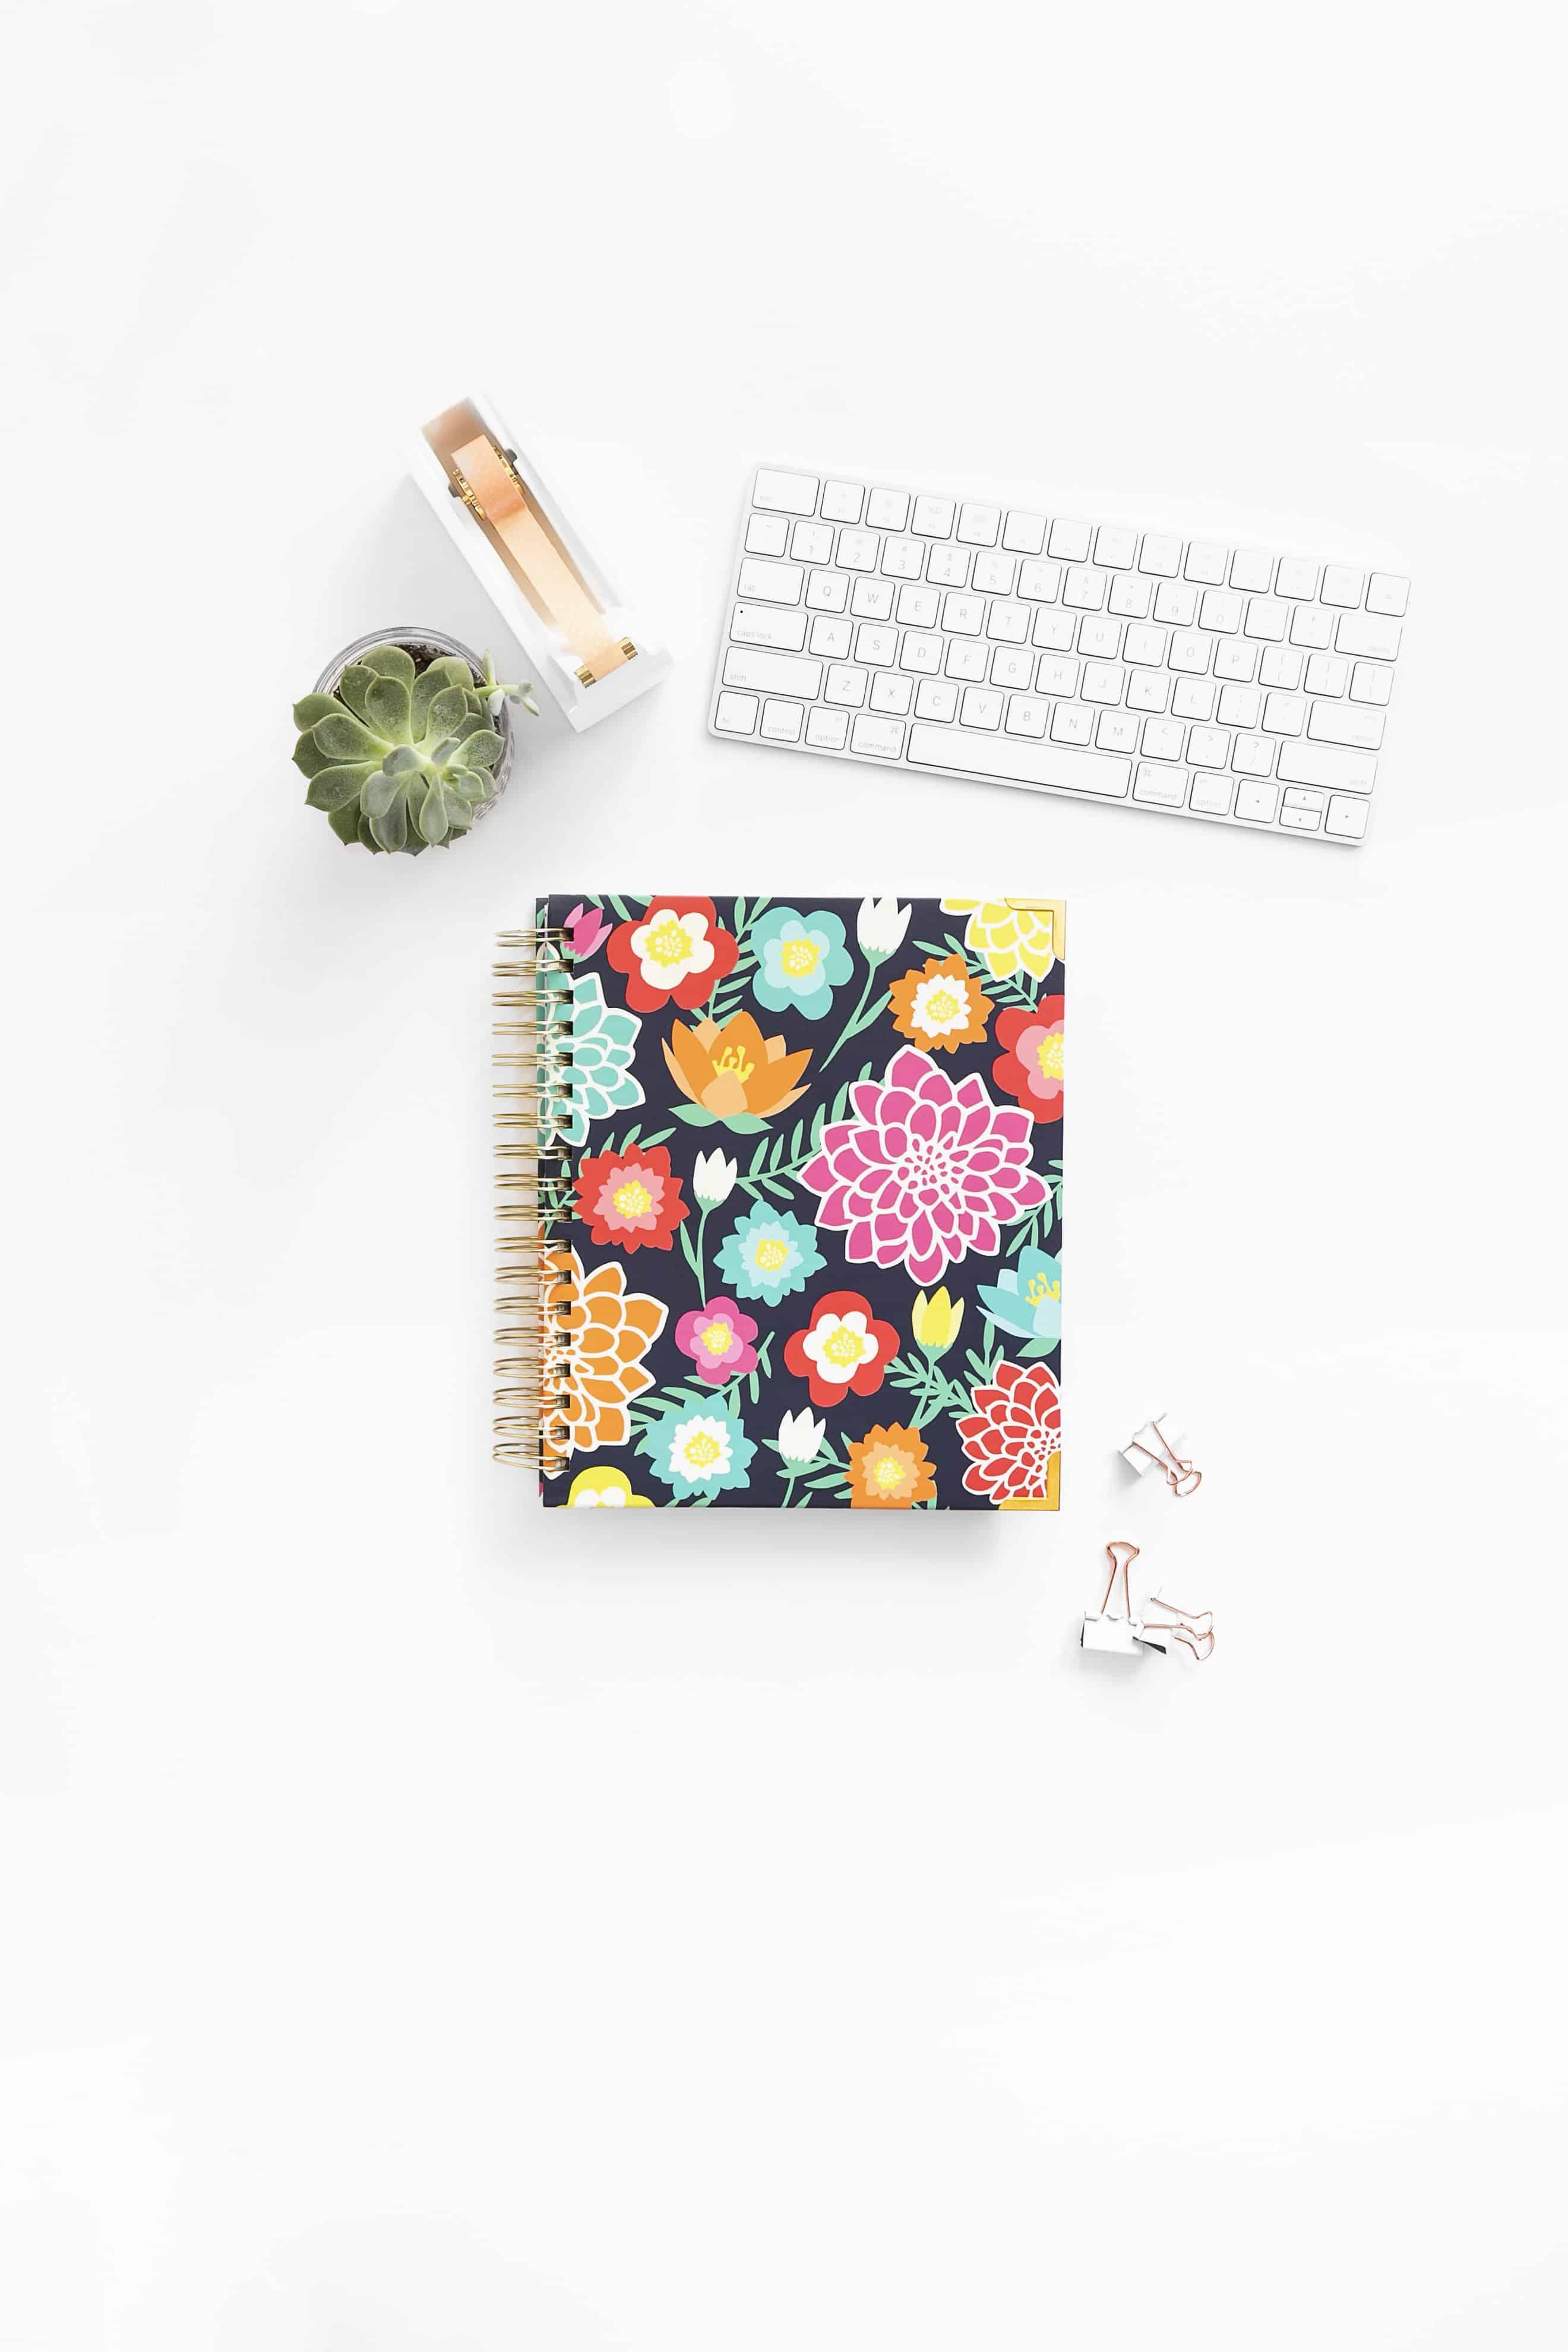 Floral_Desktop_02_Vertical